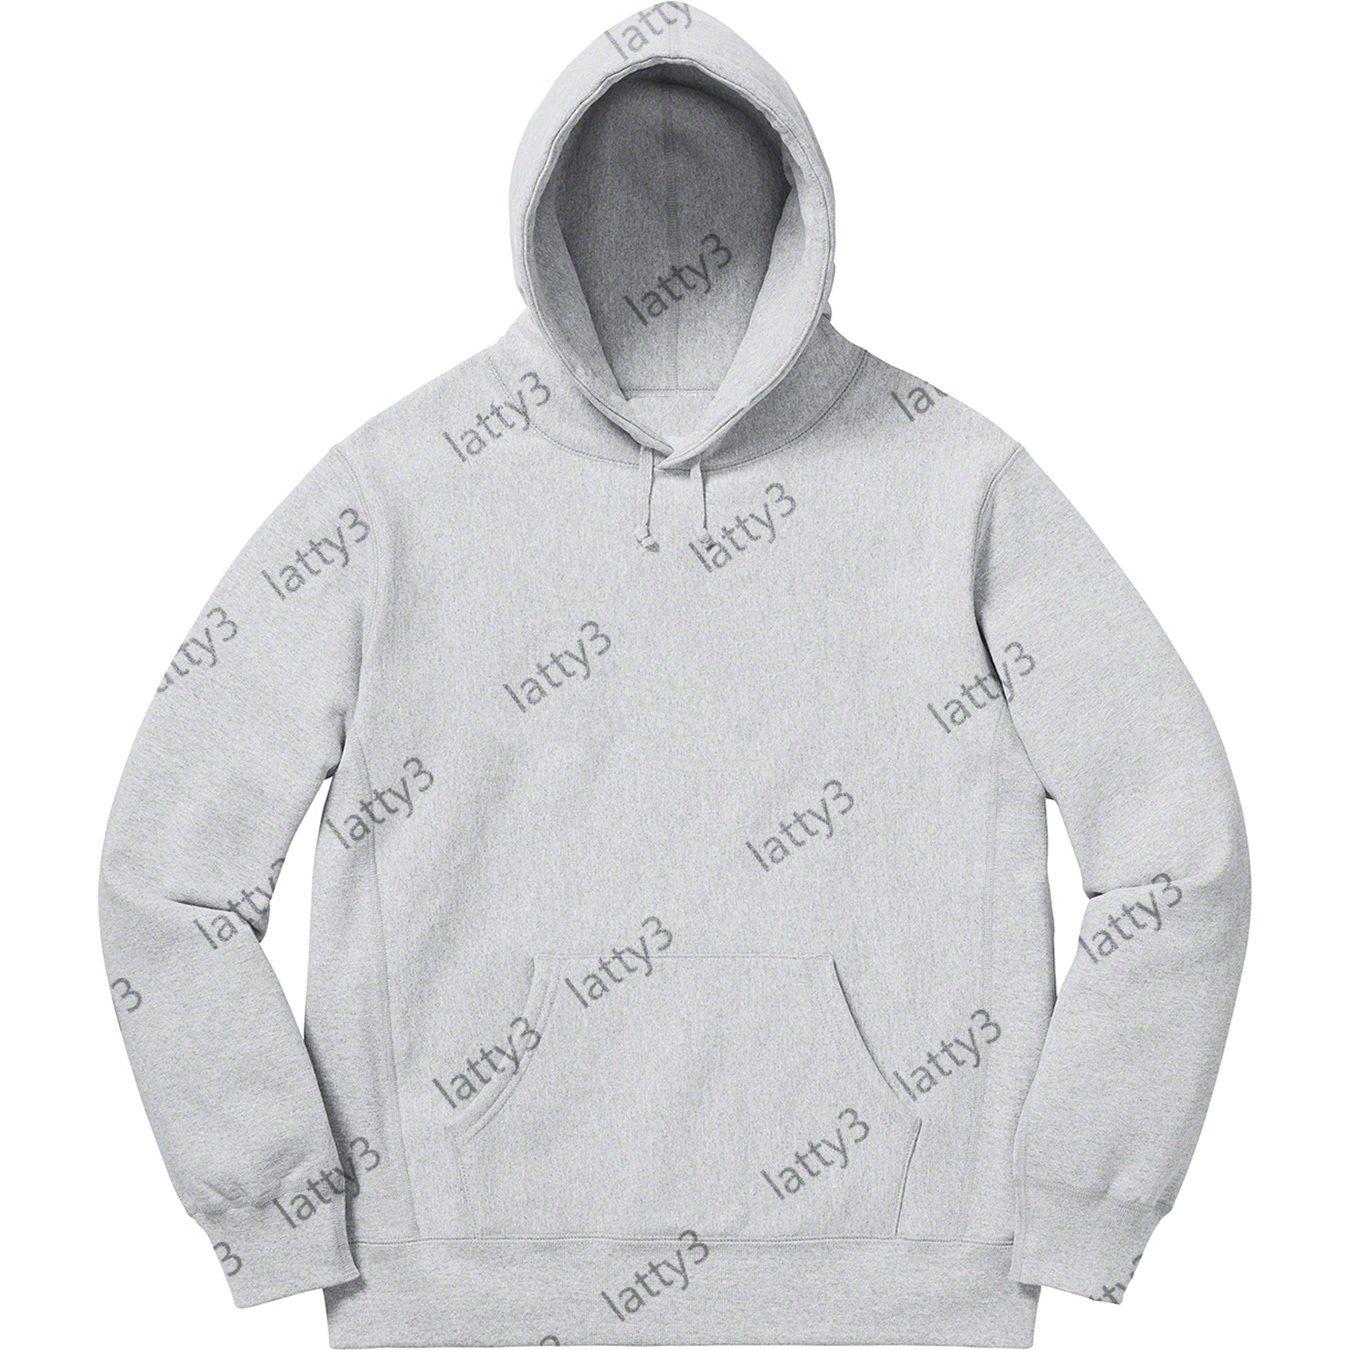 Çapraz Erkek Bayan Luxuers Tasarımcılar Hoodies Nakış Kazak Örme Erkek Giyim Desen Basılı Boy SweatshirtStop Sürümü